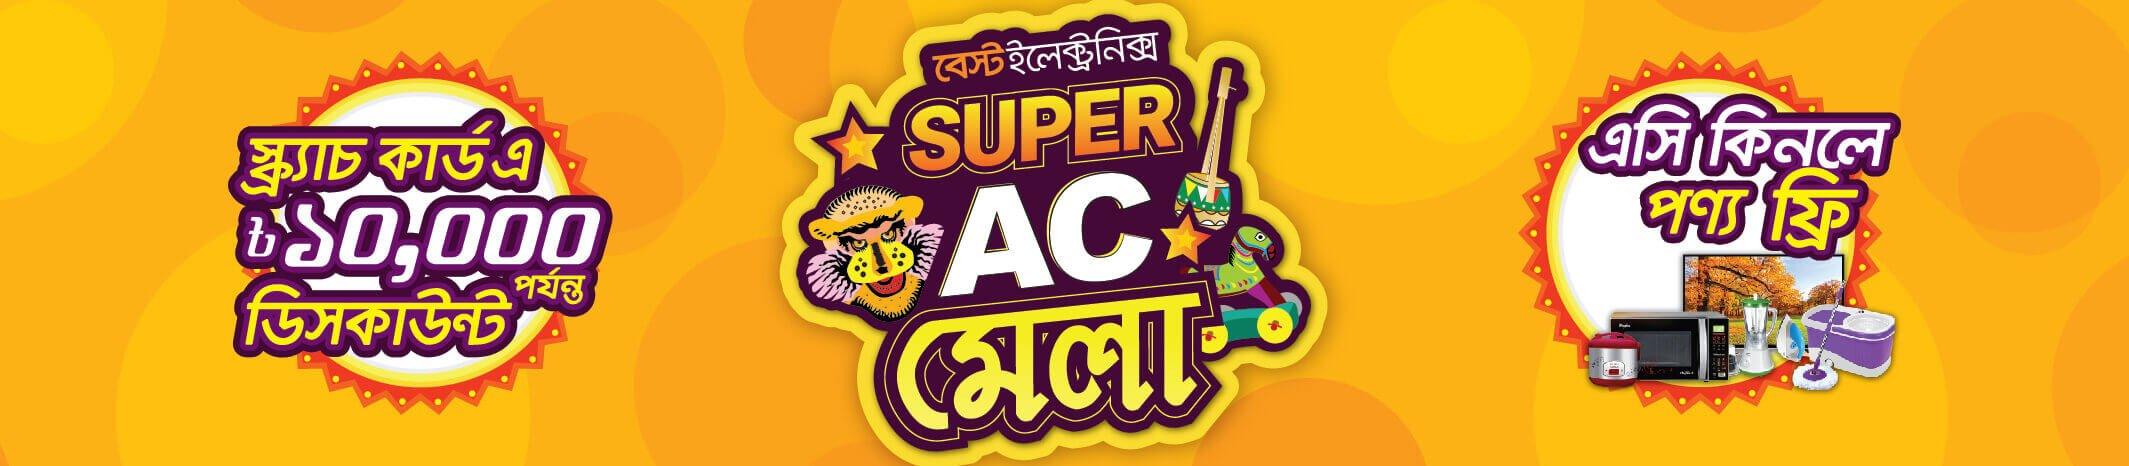 Super AC Mela 2017